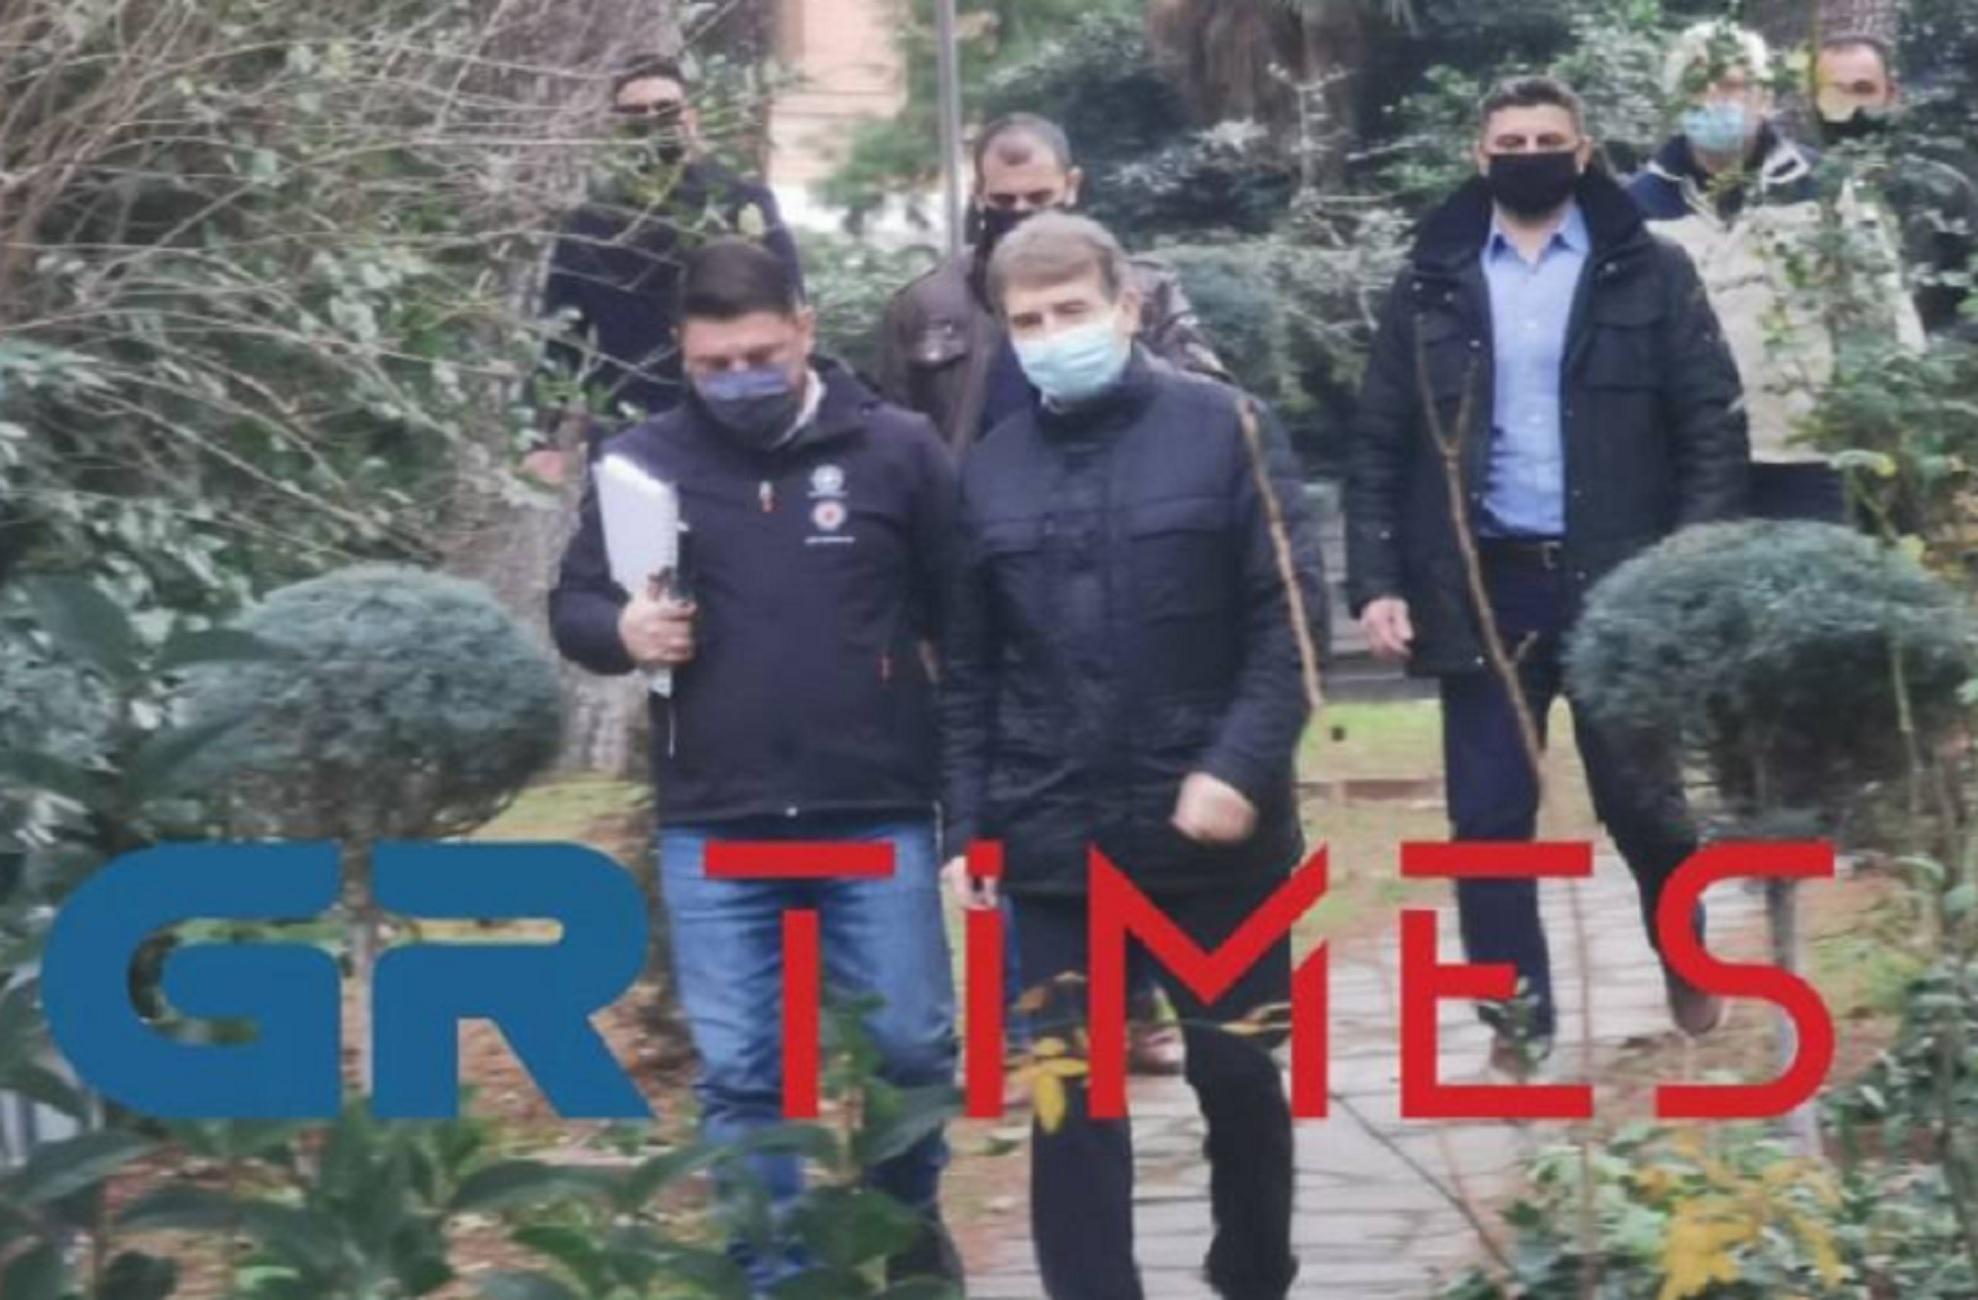 Θεσσαλονίκη – Κορονοϊός: Κρίσιμη έκτακτη σύσκεψη με Χαρδαλιά και Χρυσοχοϊδη – Η ώρα των αποφάσεων (video)